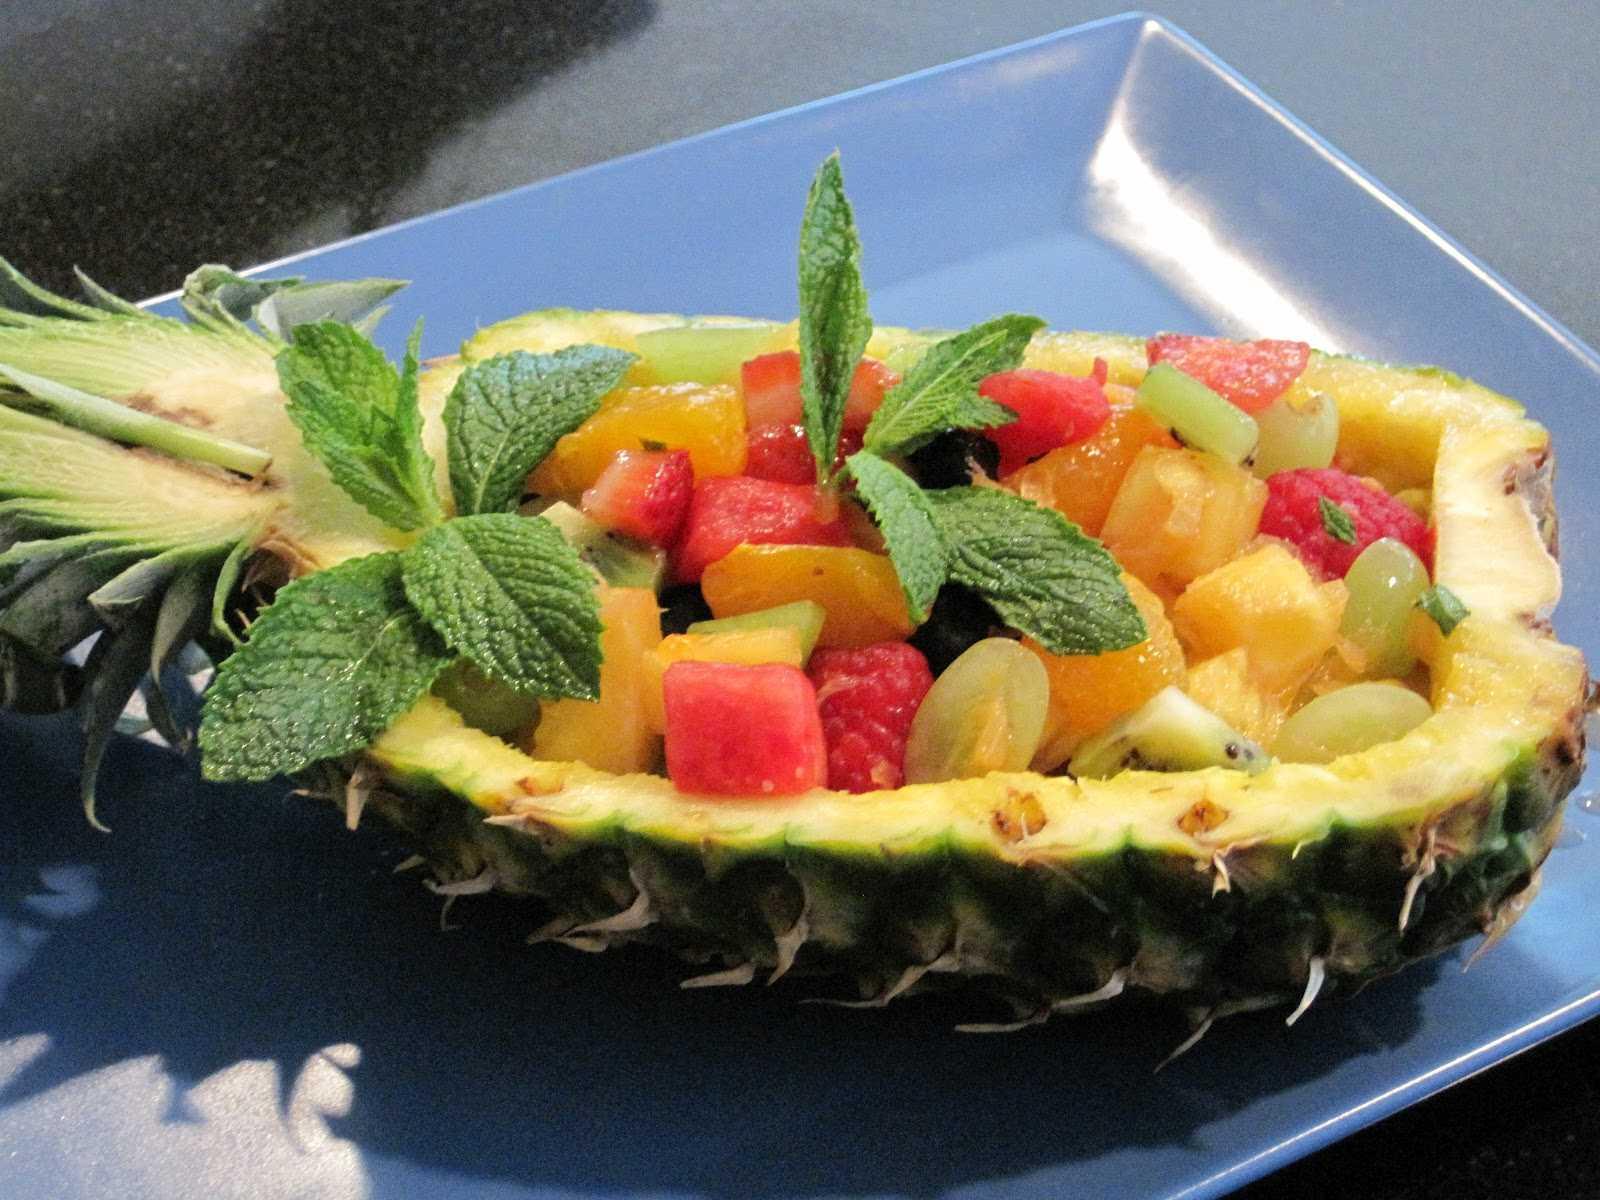 Фруктовый салат яблоки груши киви рецепт с фото - 1000.menu